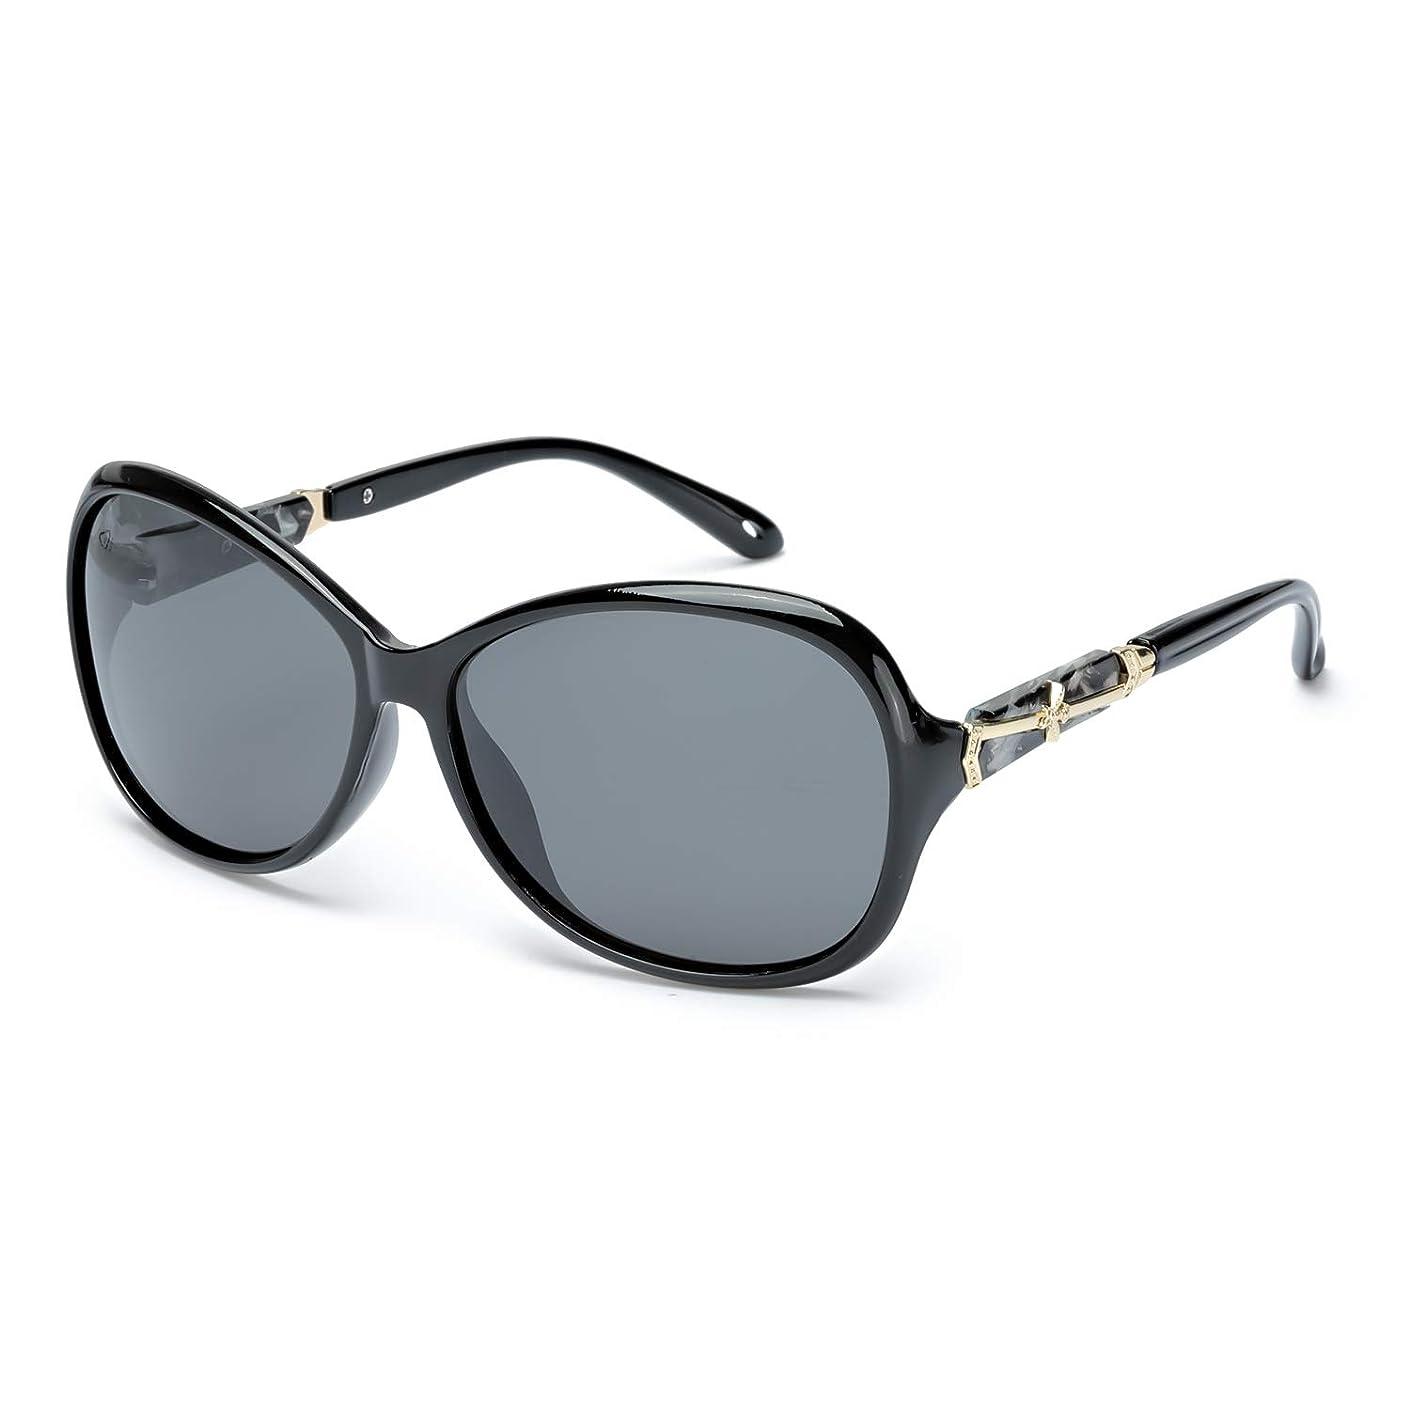 図シェルター規定Protineff クラシック 偏光 サングラス レディース 女性 ファッション サングラス 紫外線 保護 眼镜